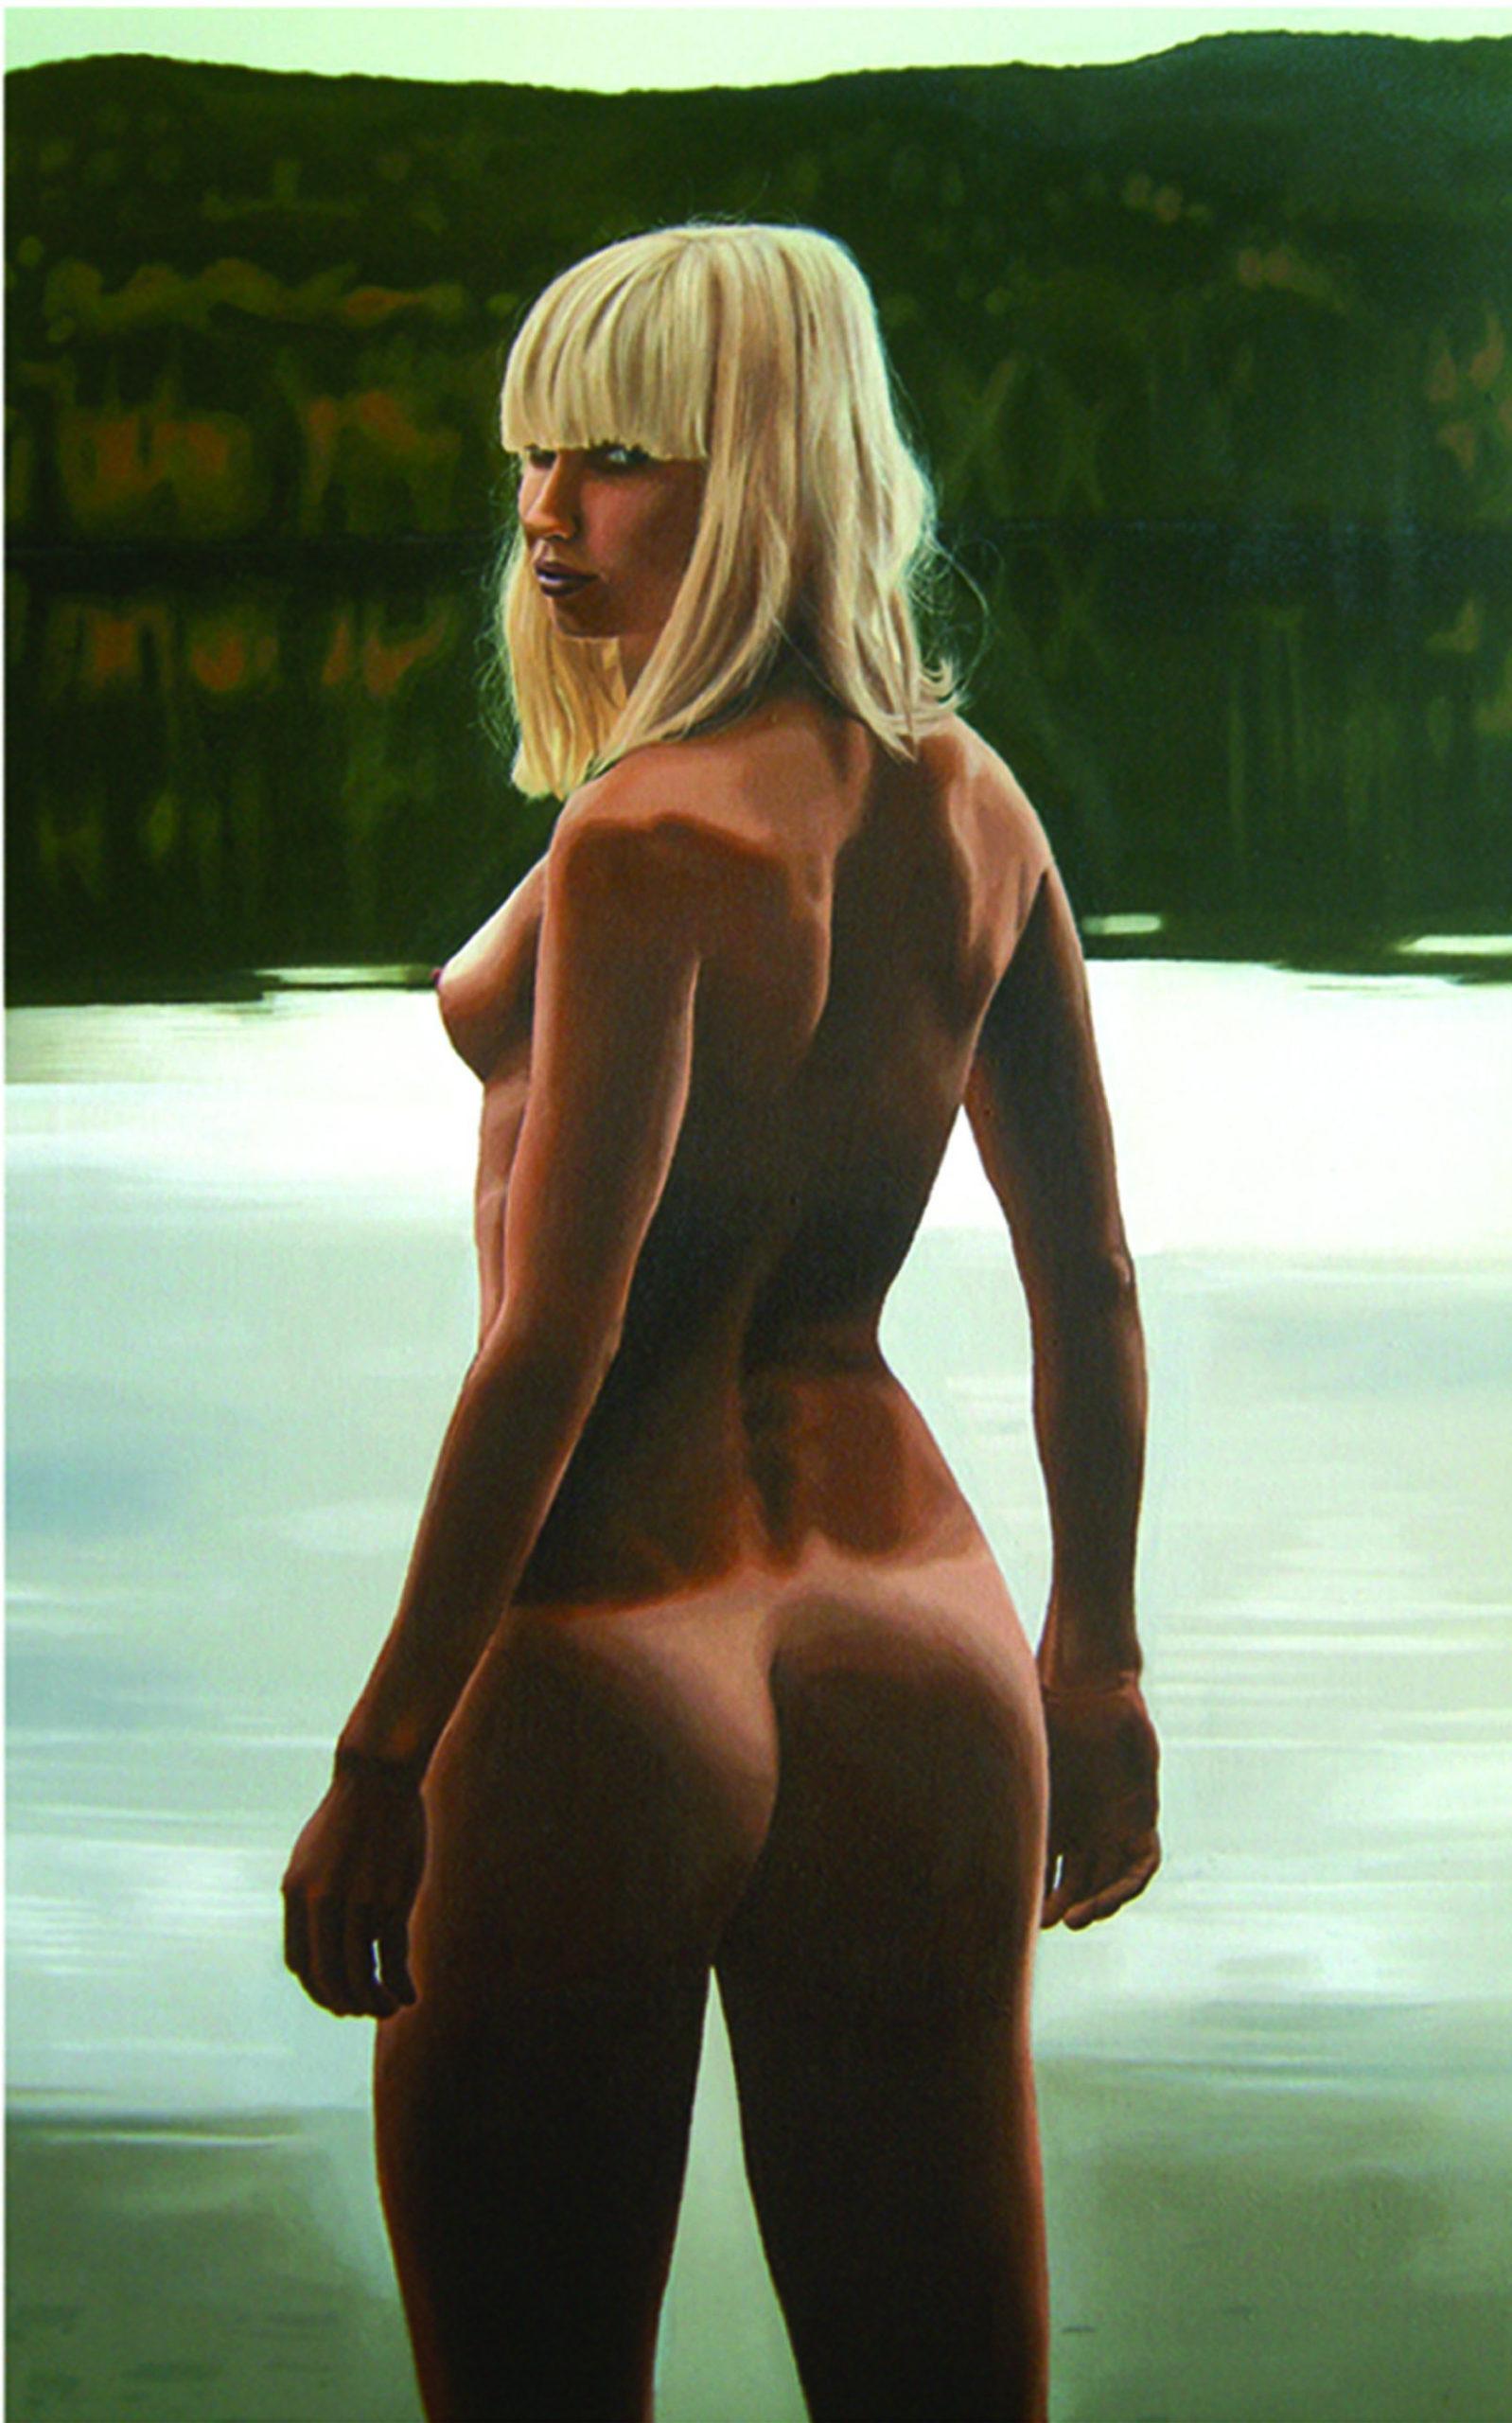 Vicky Sanders Realistic - Waters Edge